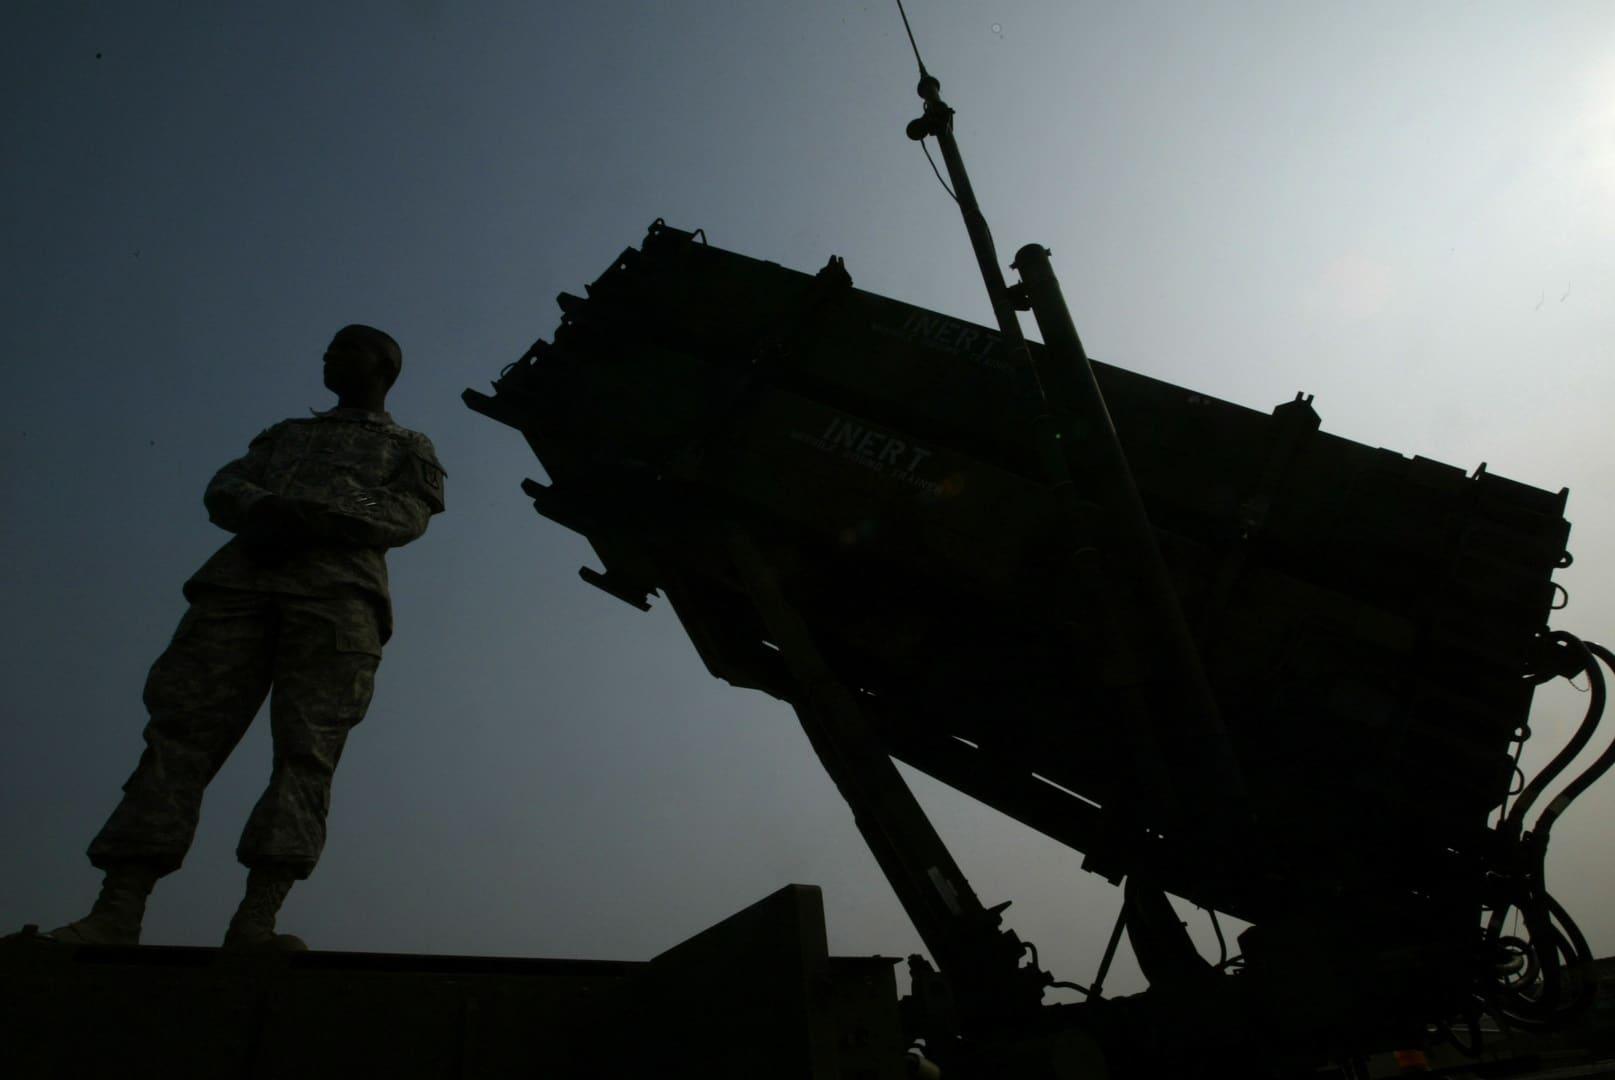 وول ستريت جورنال: أمريكا سحبت بطاريات صواريخ من السعودية ودول أخرى.. لماذا في هذا التوقيت